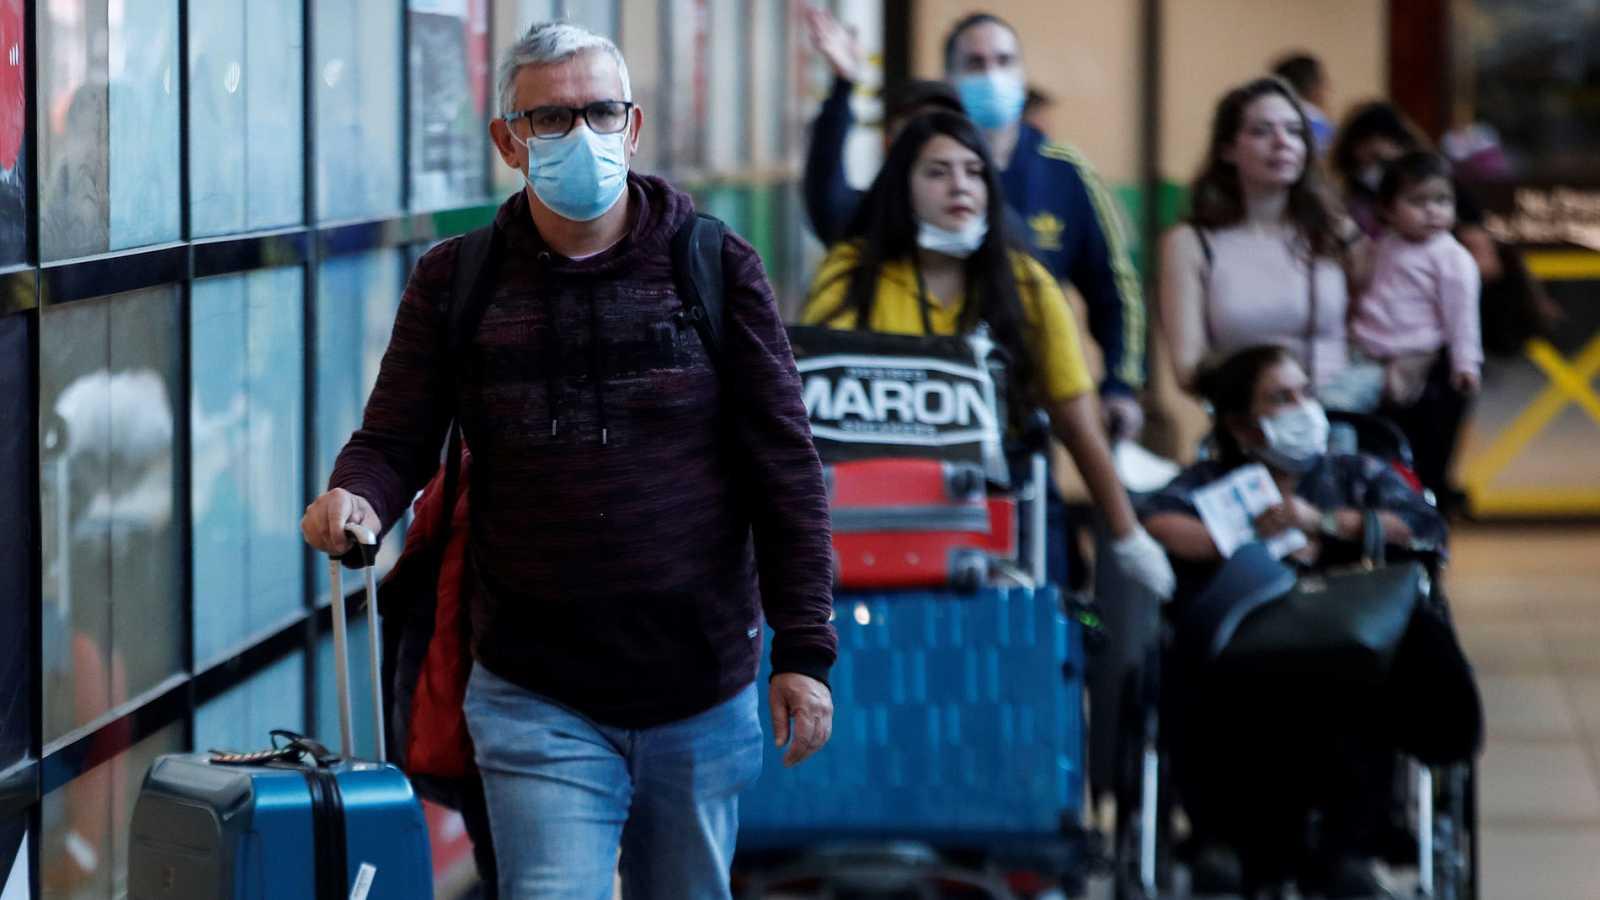 Pasajeros usando mascarillas para evitar la propagación y el contagio del coronavirus en el aeropuerto